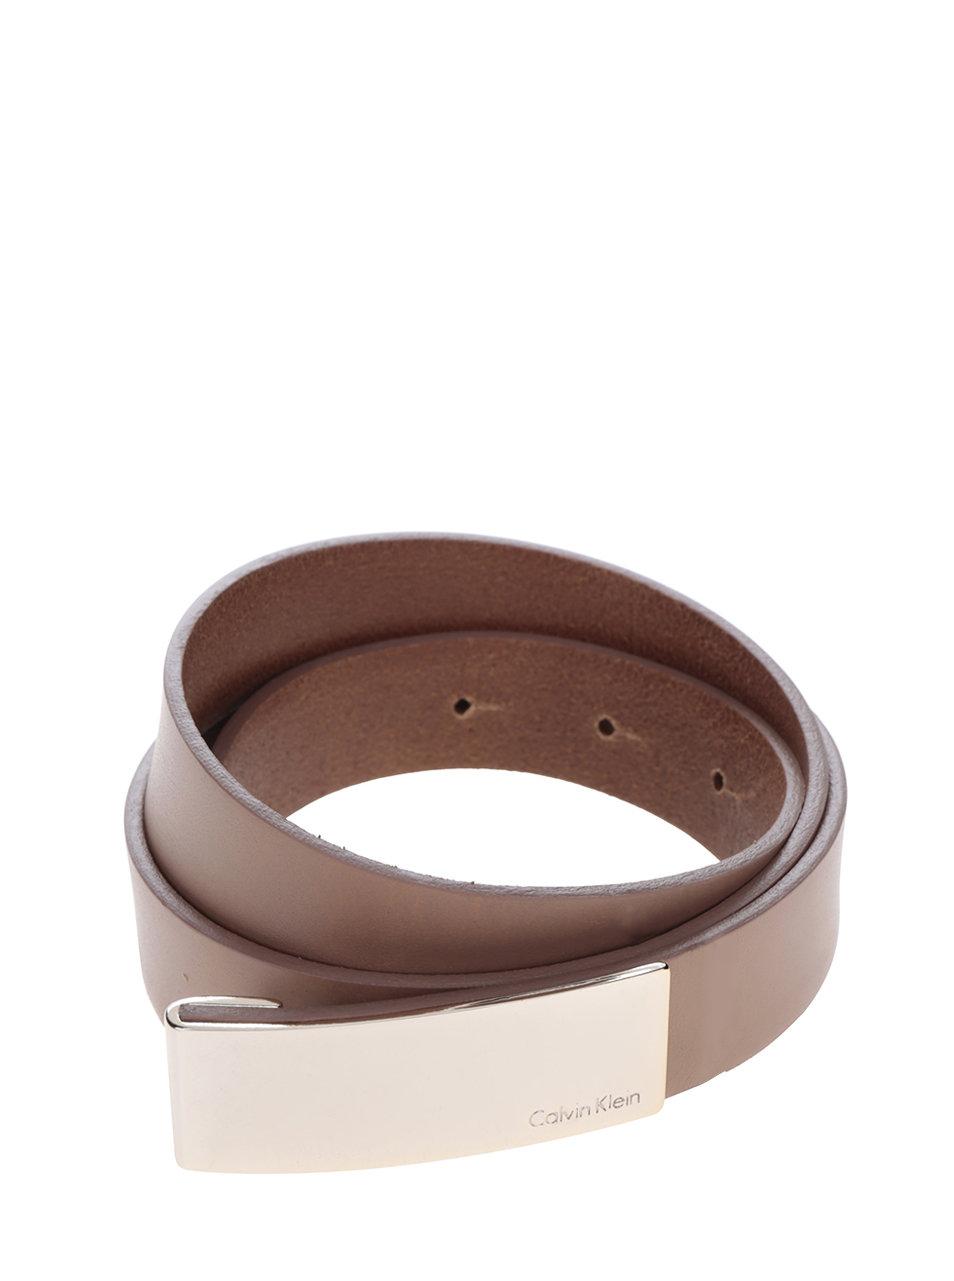 ae56961b7 Svetlohnedý dámsky kožený opasok s ozdobnou sponou Calvin Klein Jeans  Standalone ...